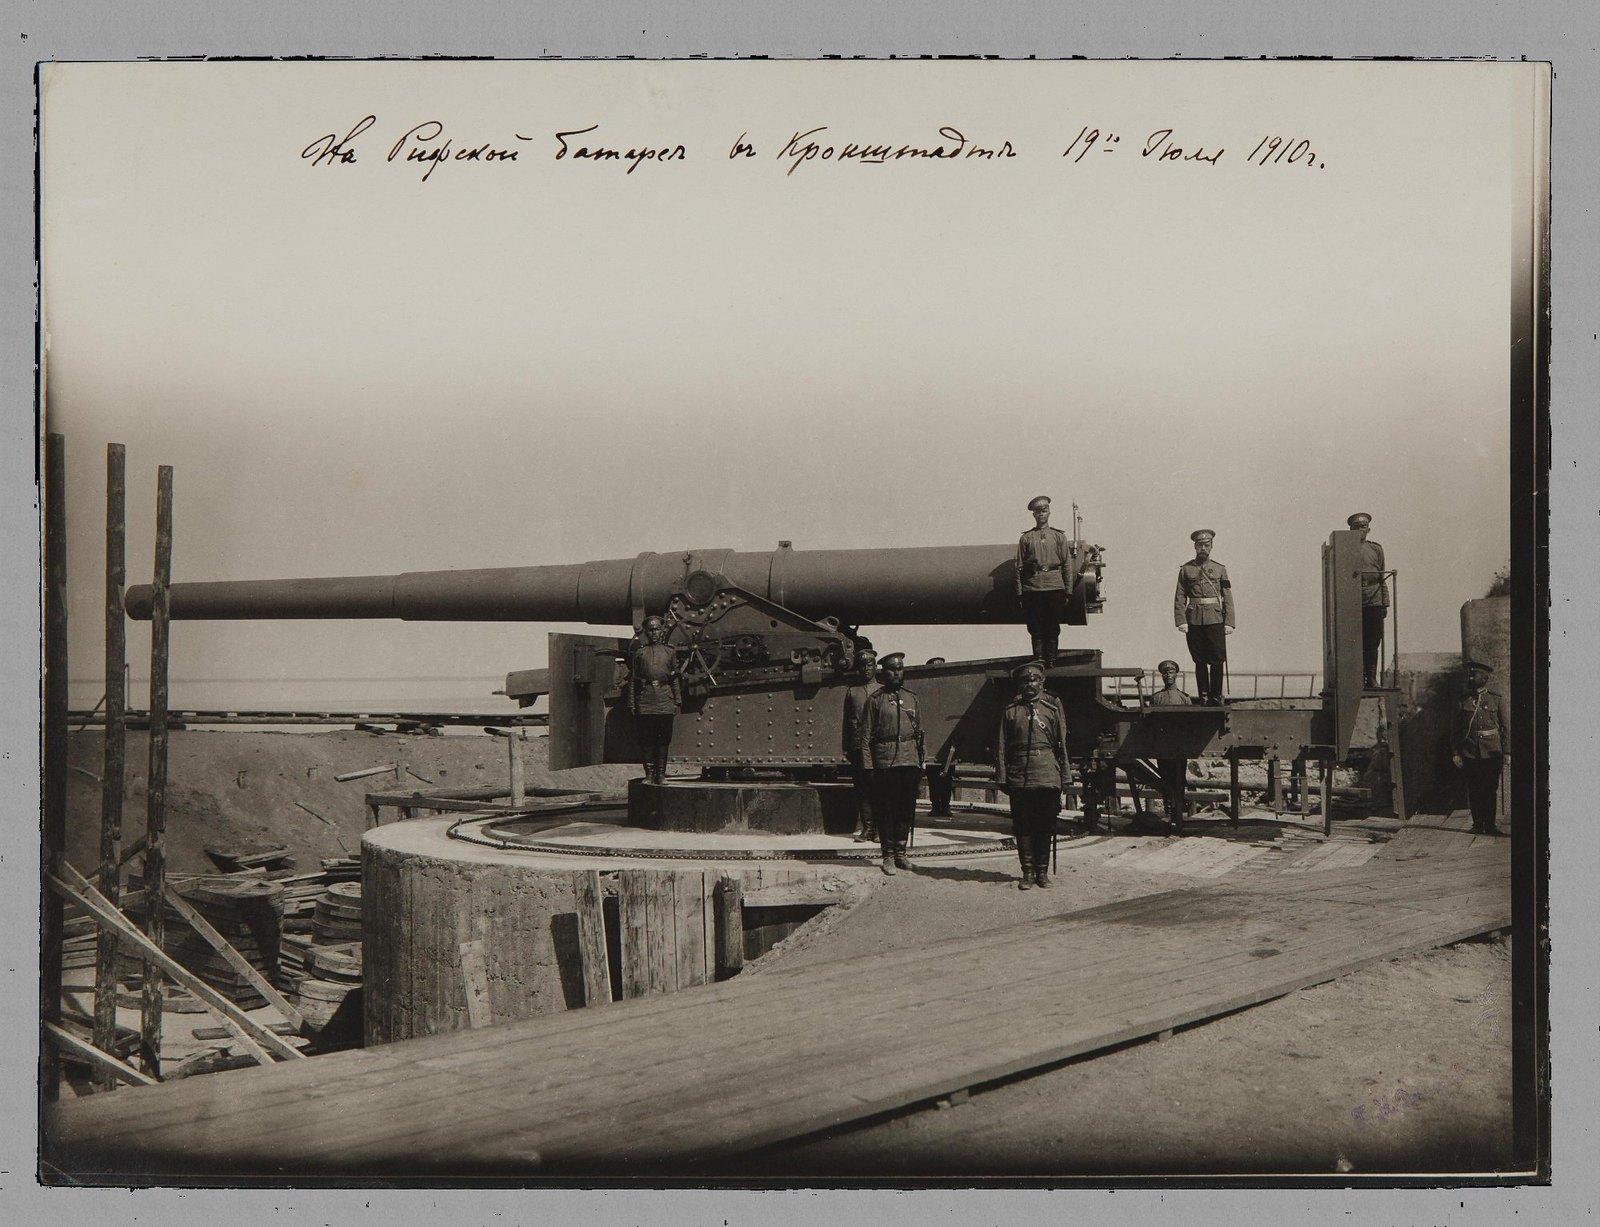 1910. Николай II в сопровождении военных у артиллерийского орудия на Рифской батарее. 19 июля